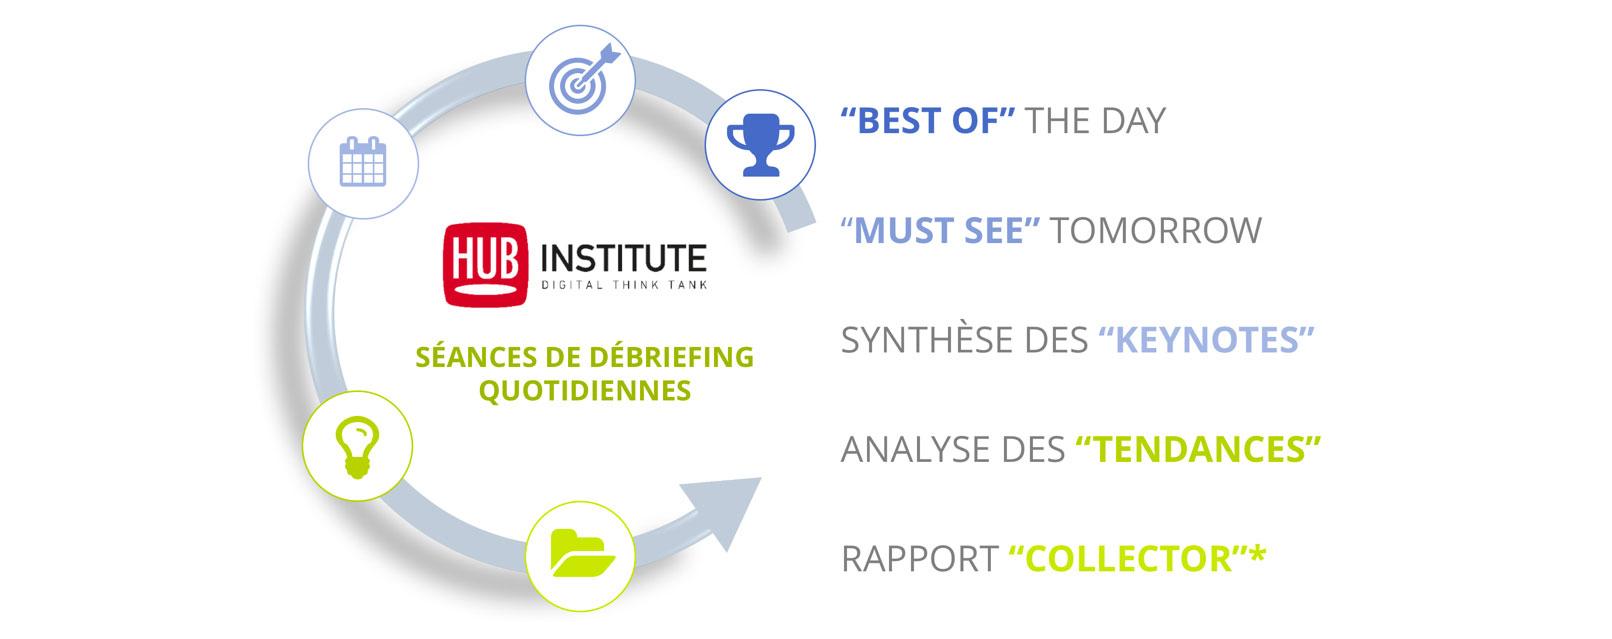 Hub-Institute-3